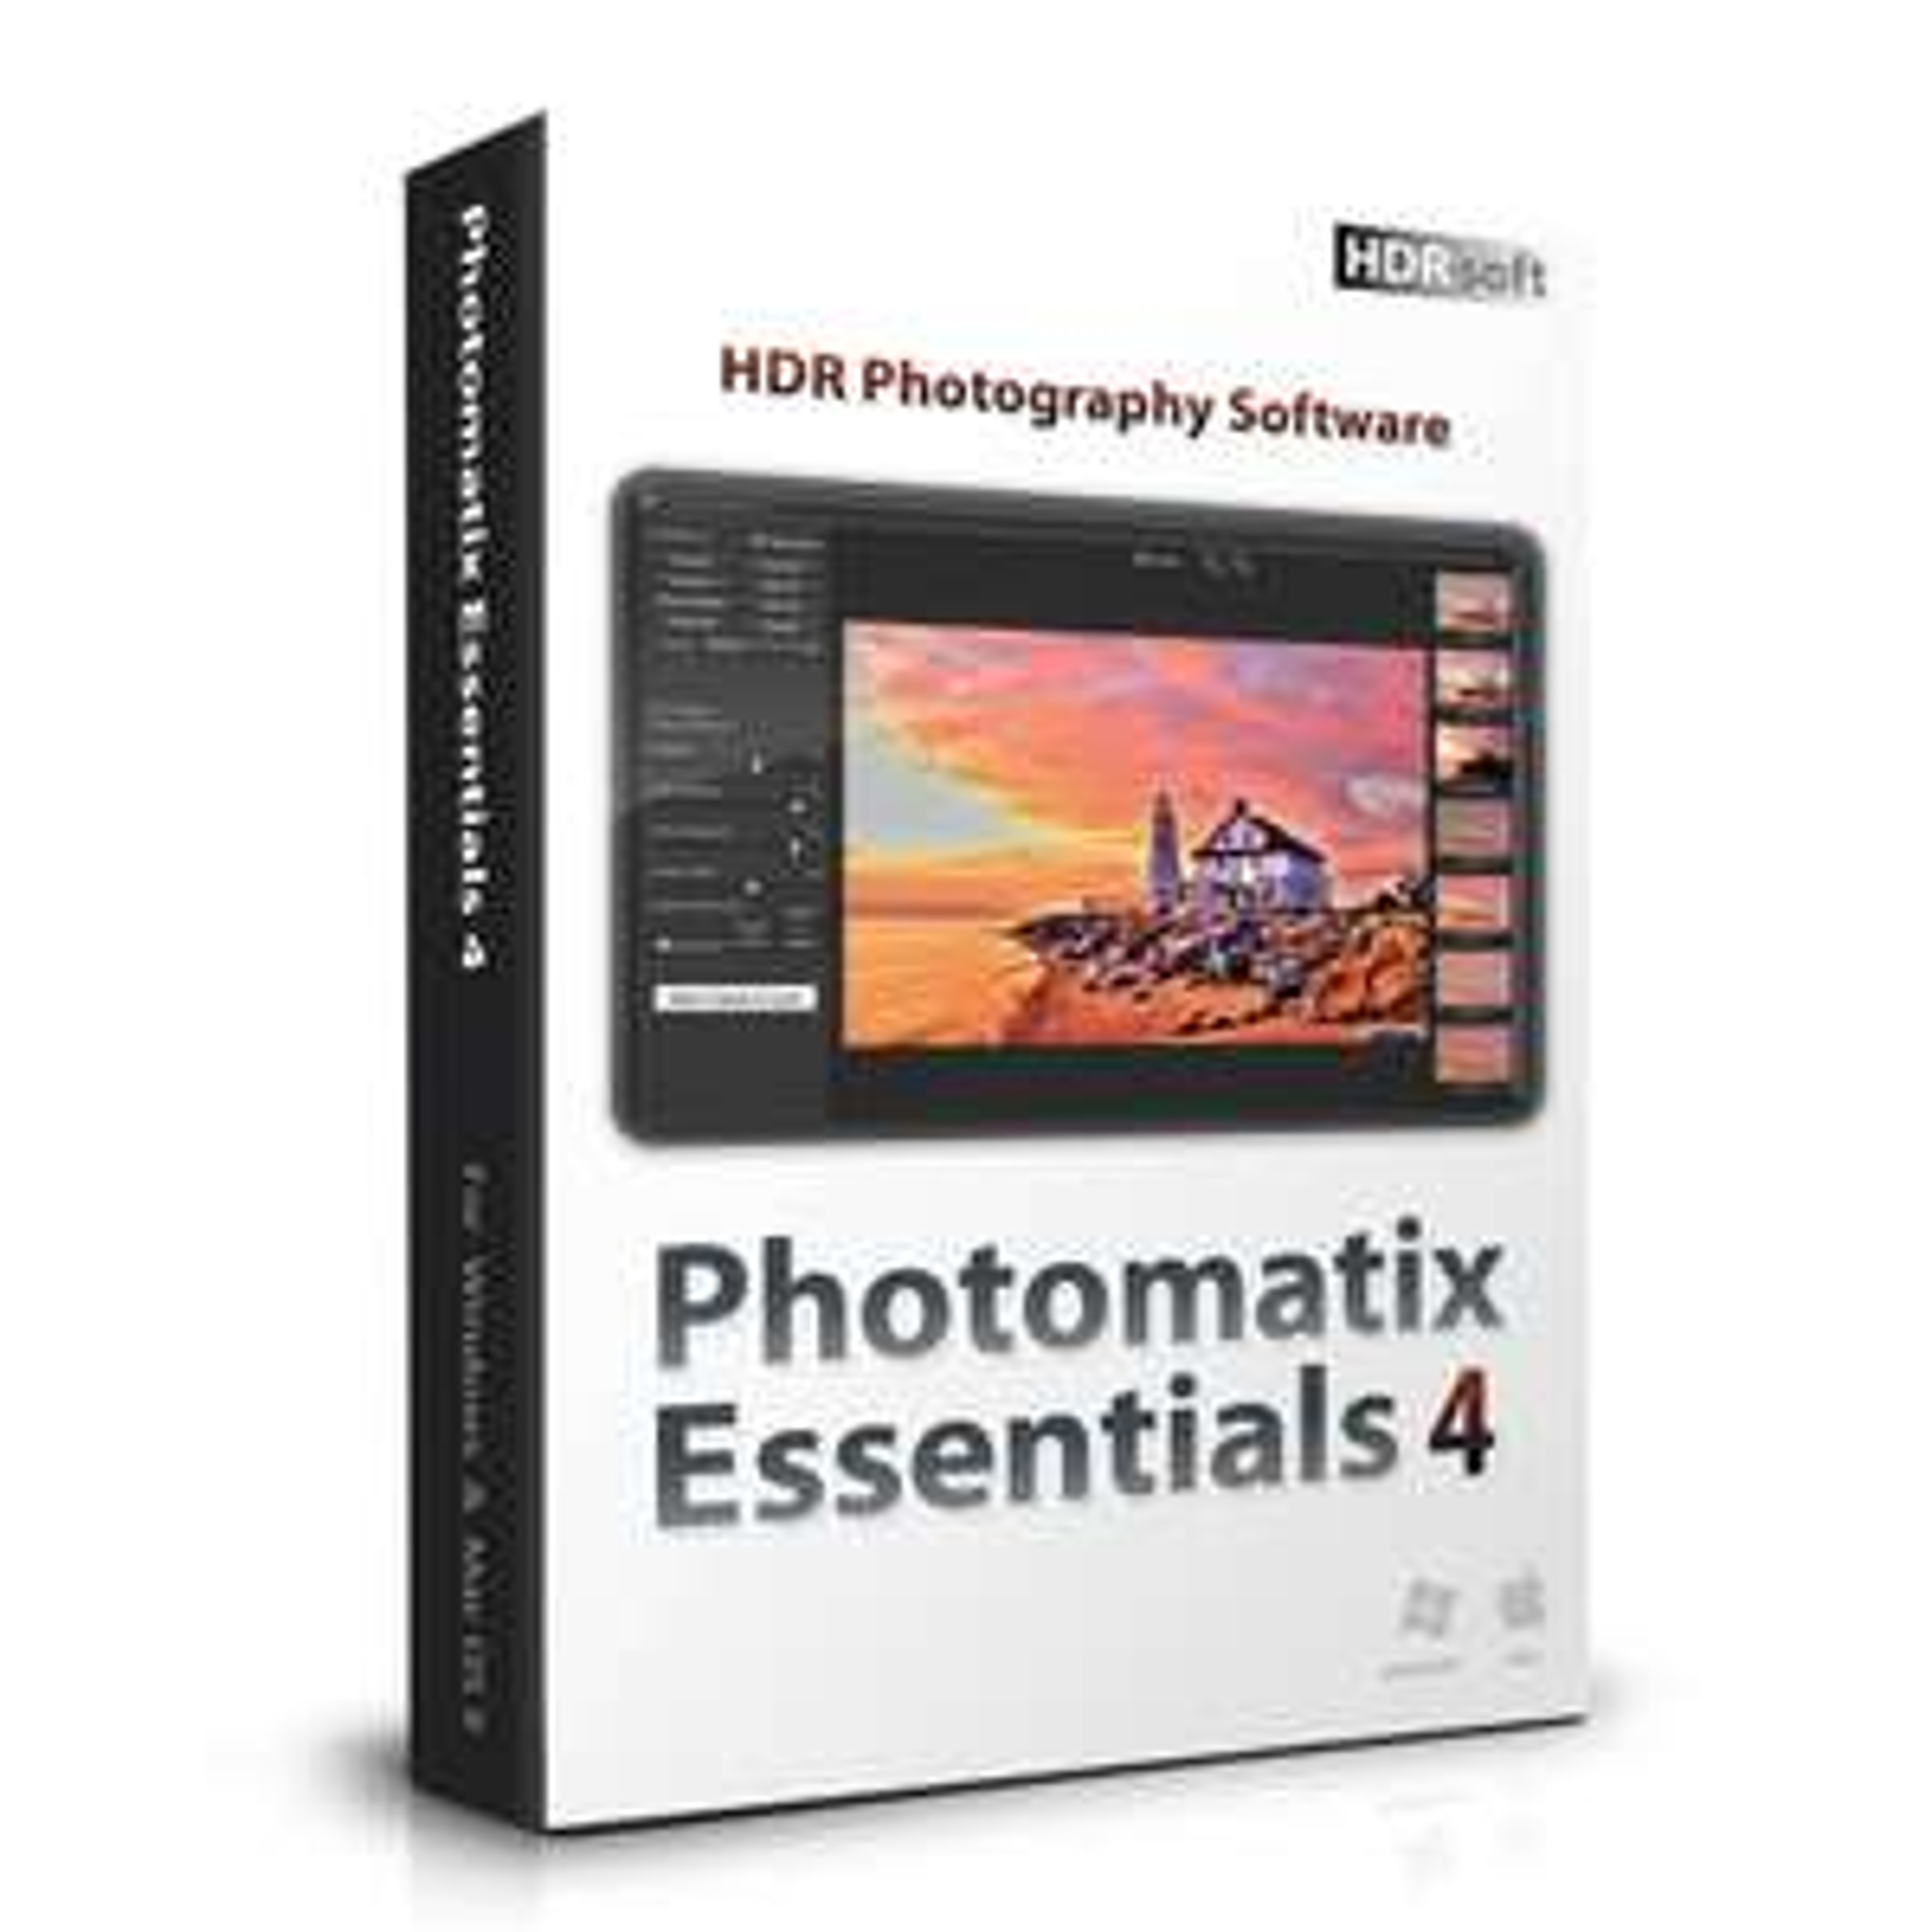 Logiciel Photomatix Essentials 4 gratuit sur MAC et PC